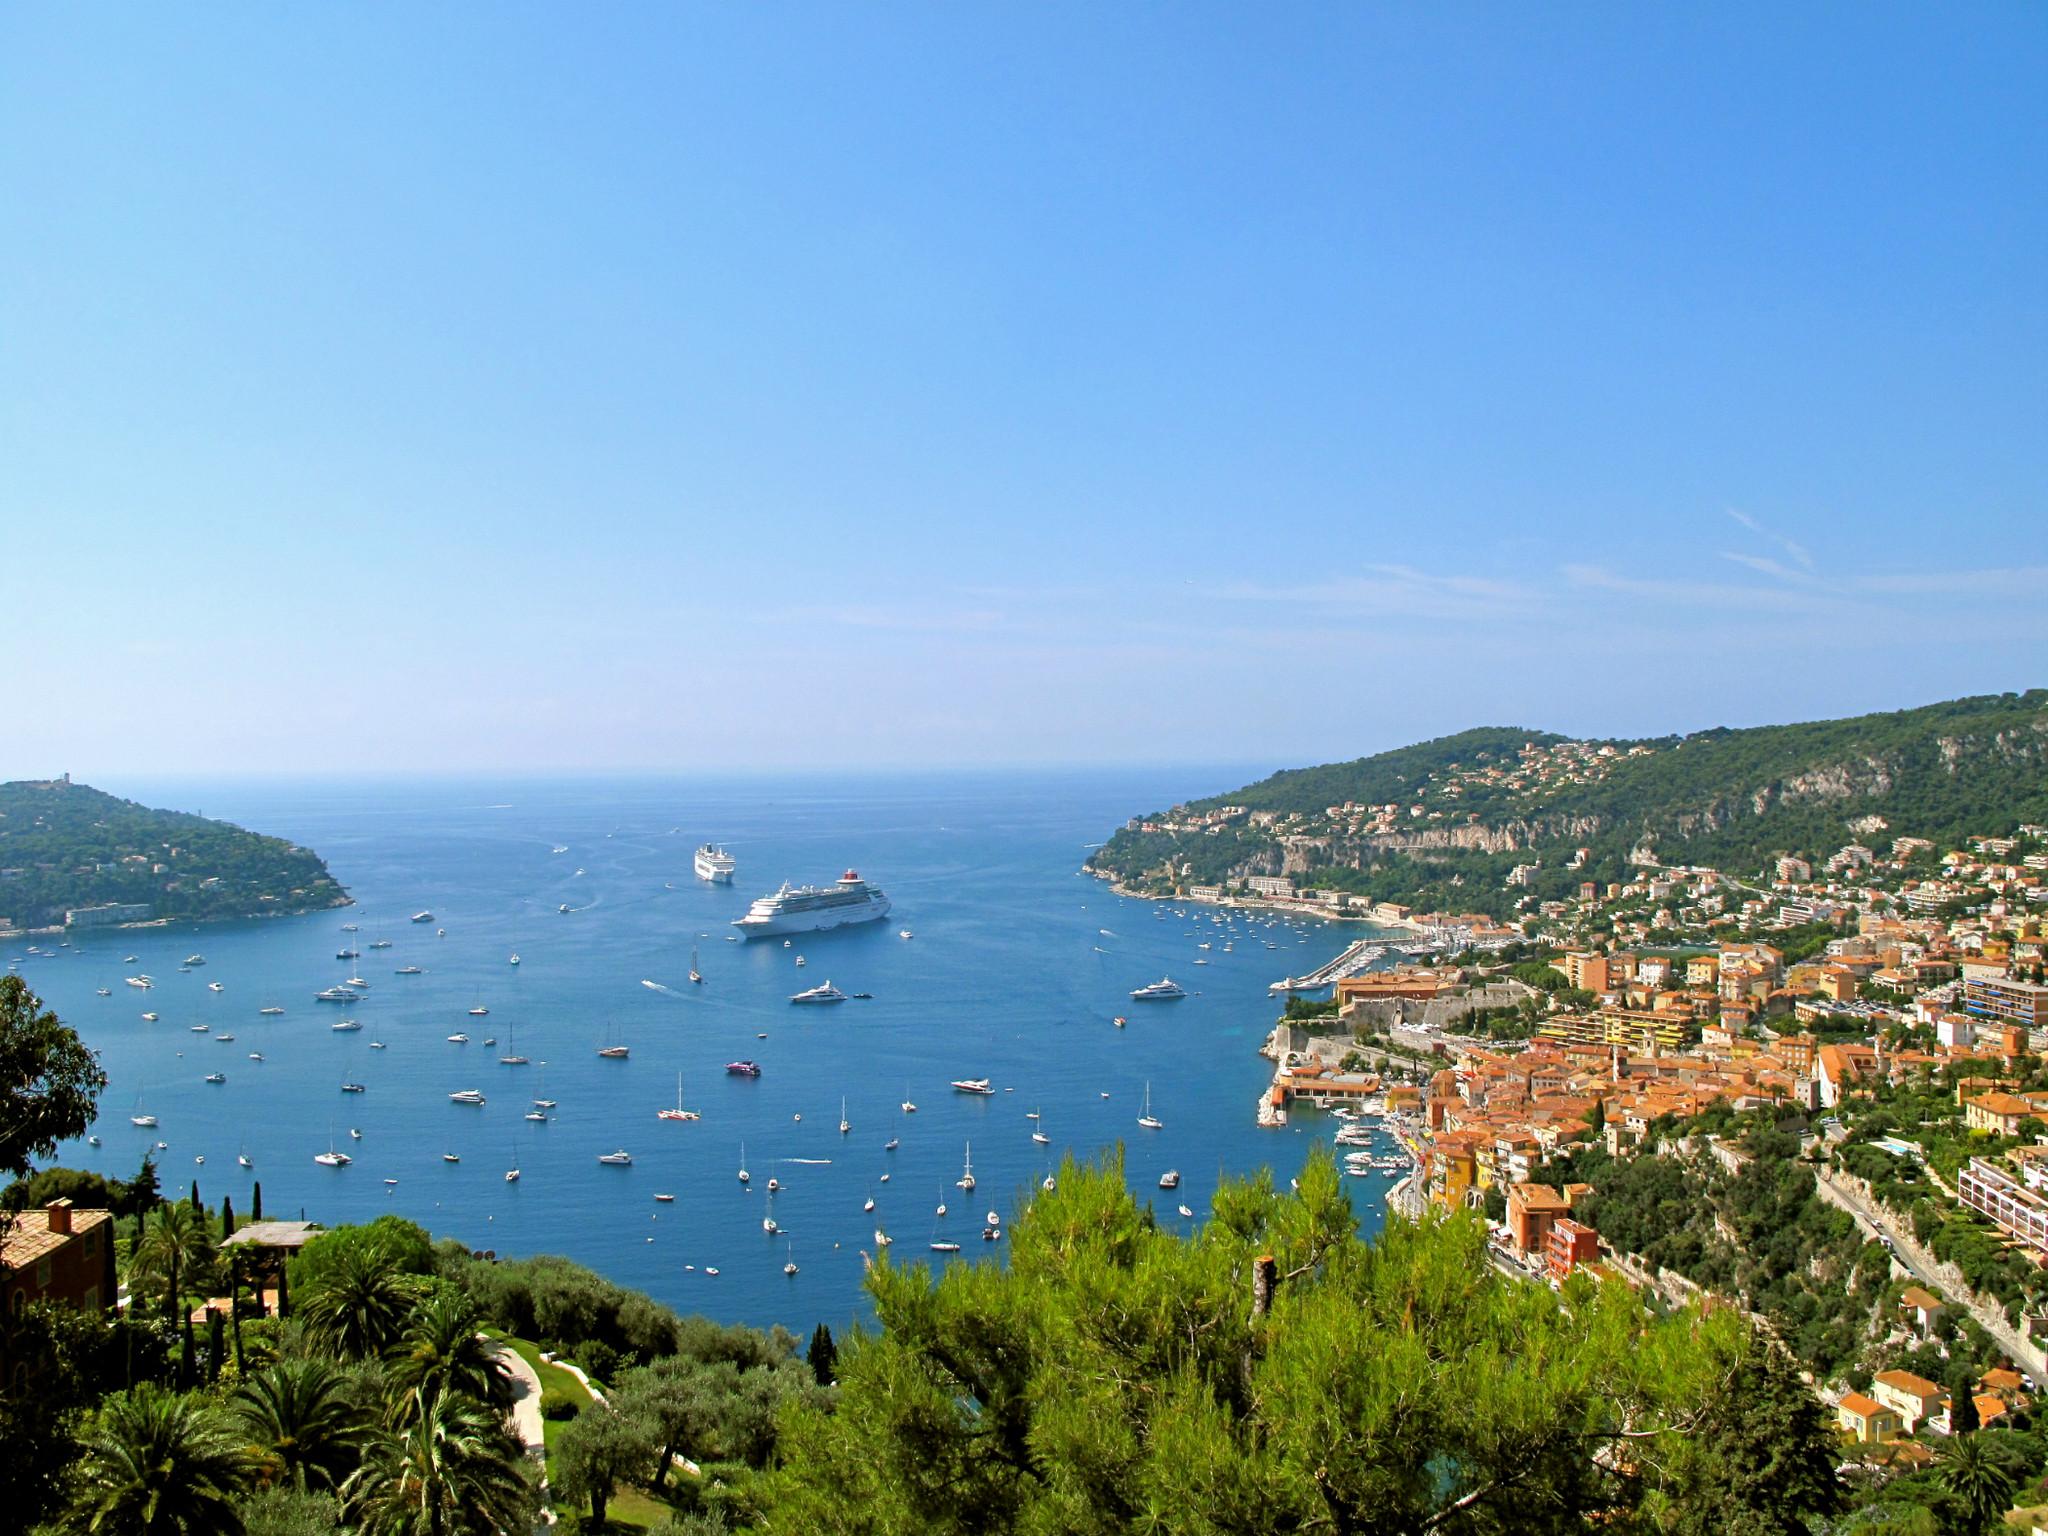 在法国尼斯,享受一个地中海的悠长假日